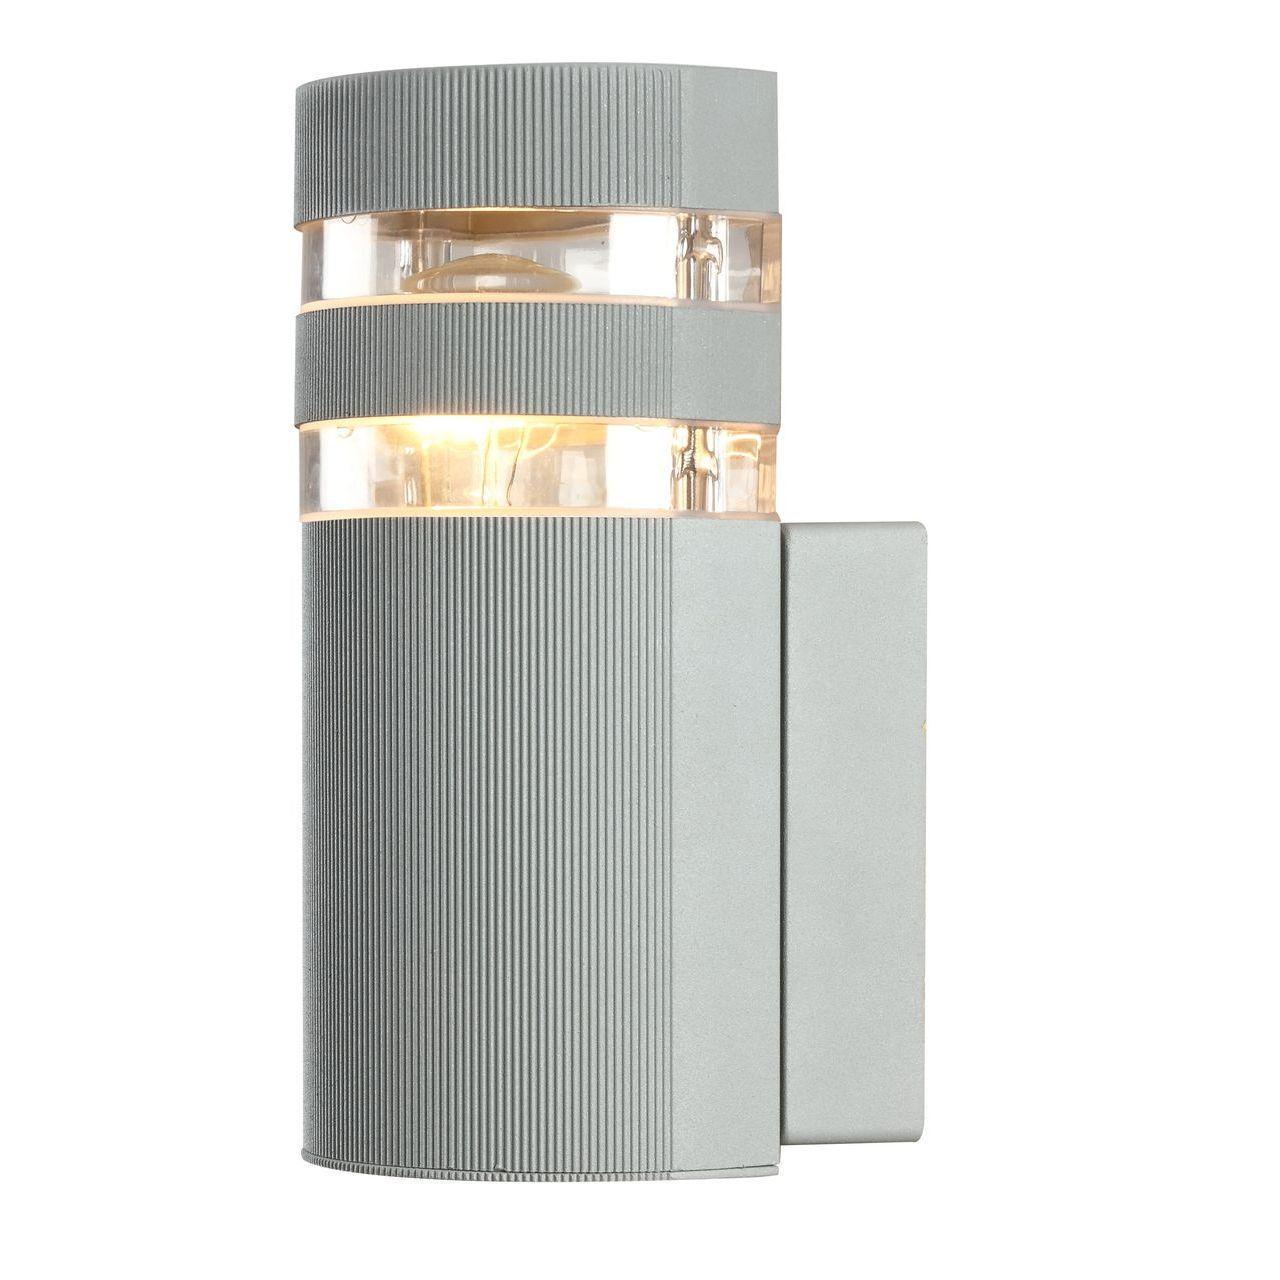 Уличный настенный светильник Arte Lamp Metro A8162AL-1GY уличный светильник arte lamp a8162al 1gy